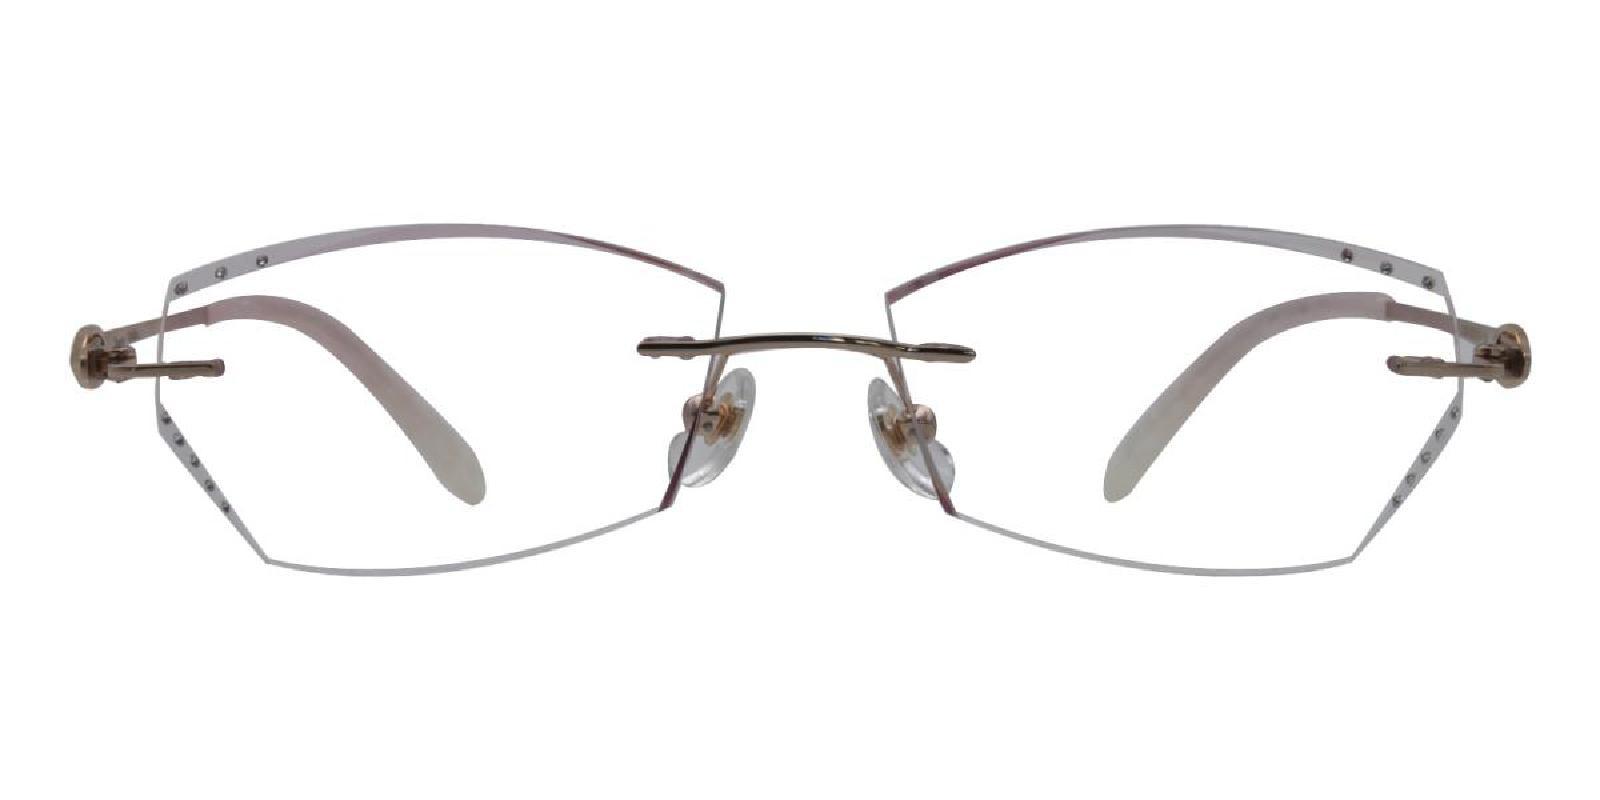 Currien-Pink-Varieties-Titanium-Eyeglasses-detail